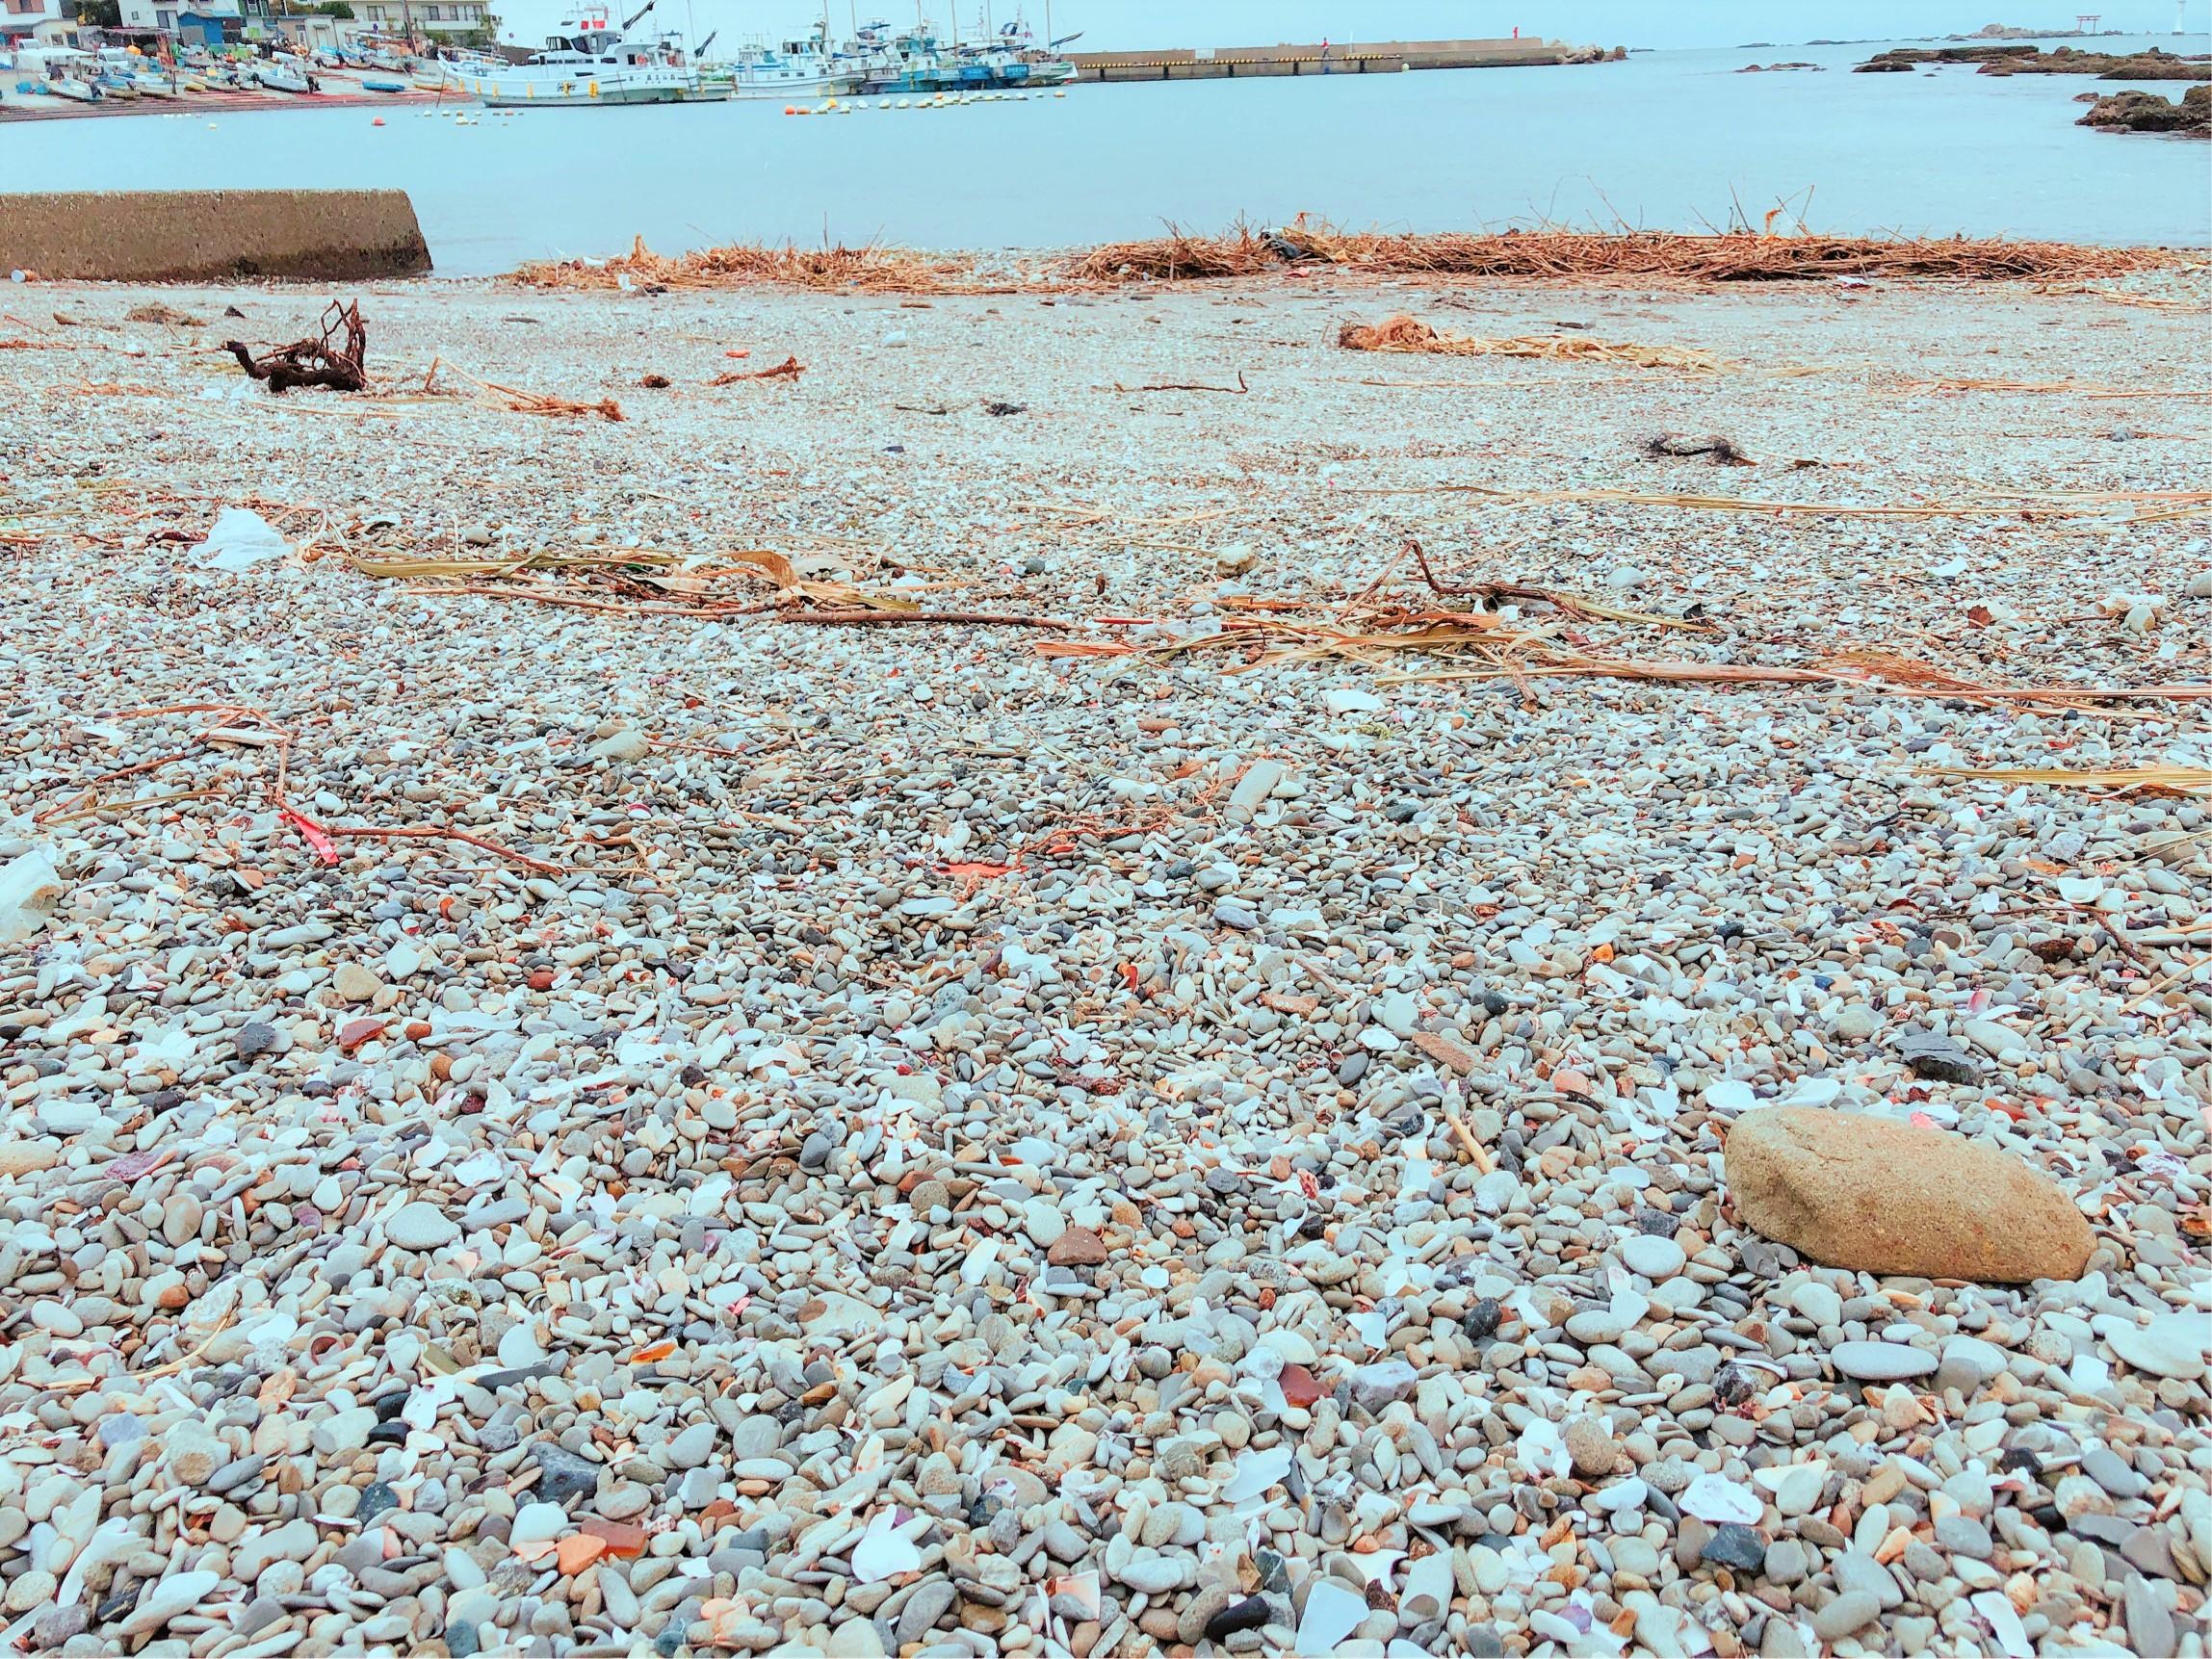 真名瀬海岸と砂浜。この中からシーグラスが見つかるかな?